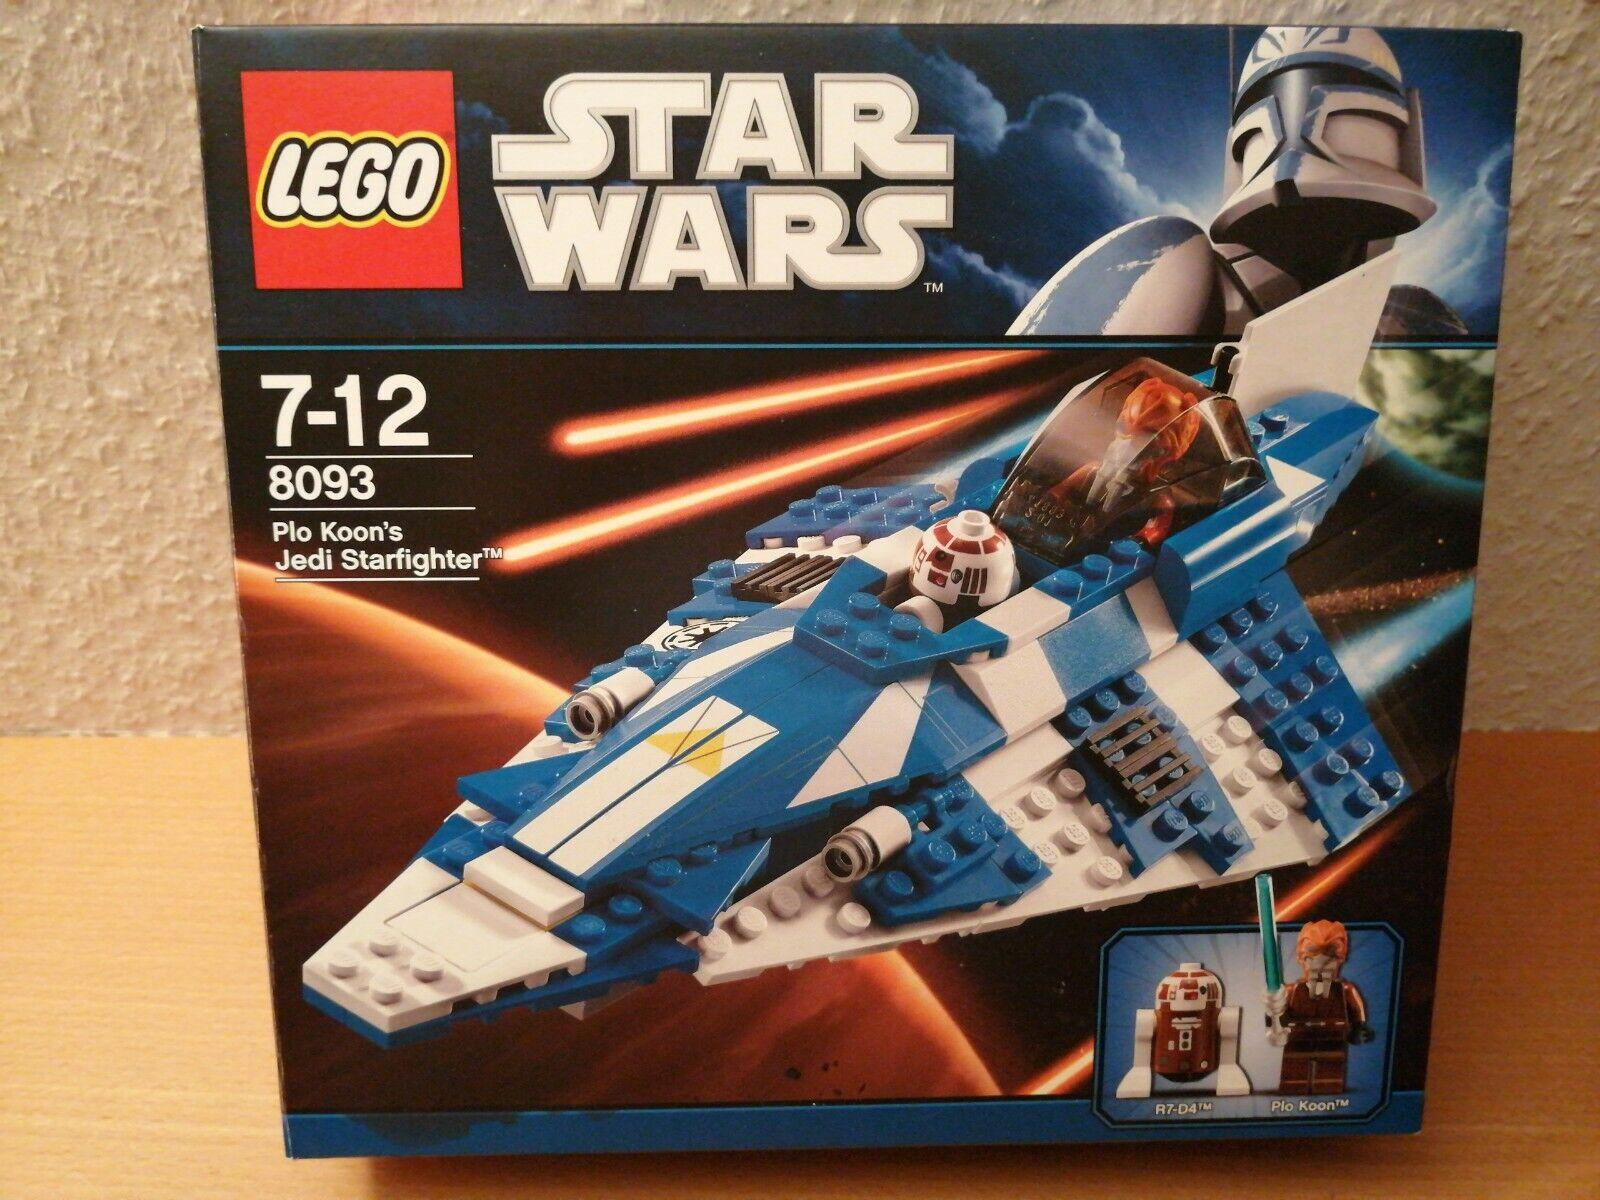 LEGO StarWars Plo Koon's Starfighter (8093) neuwertig komplett